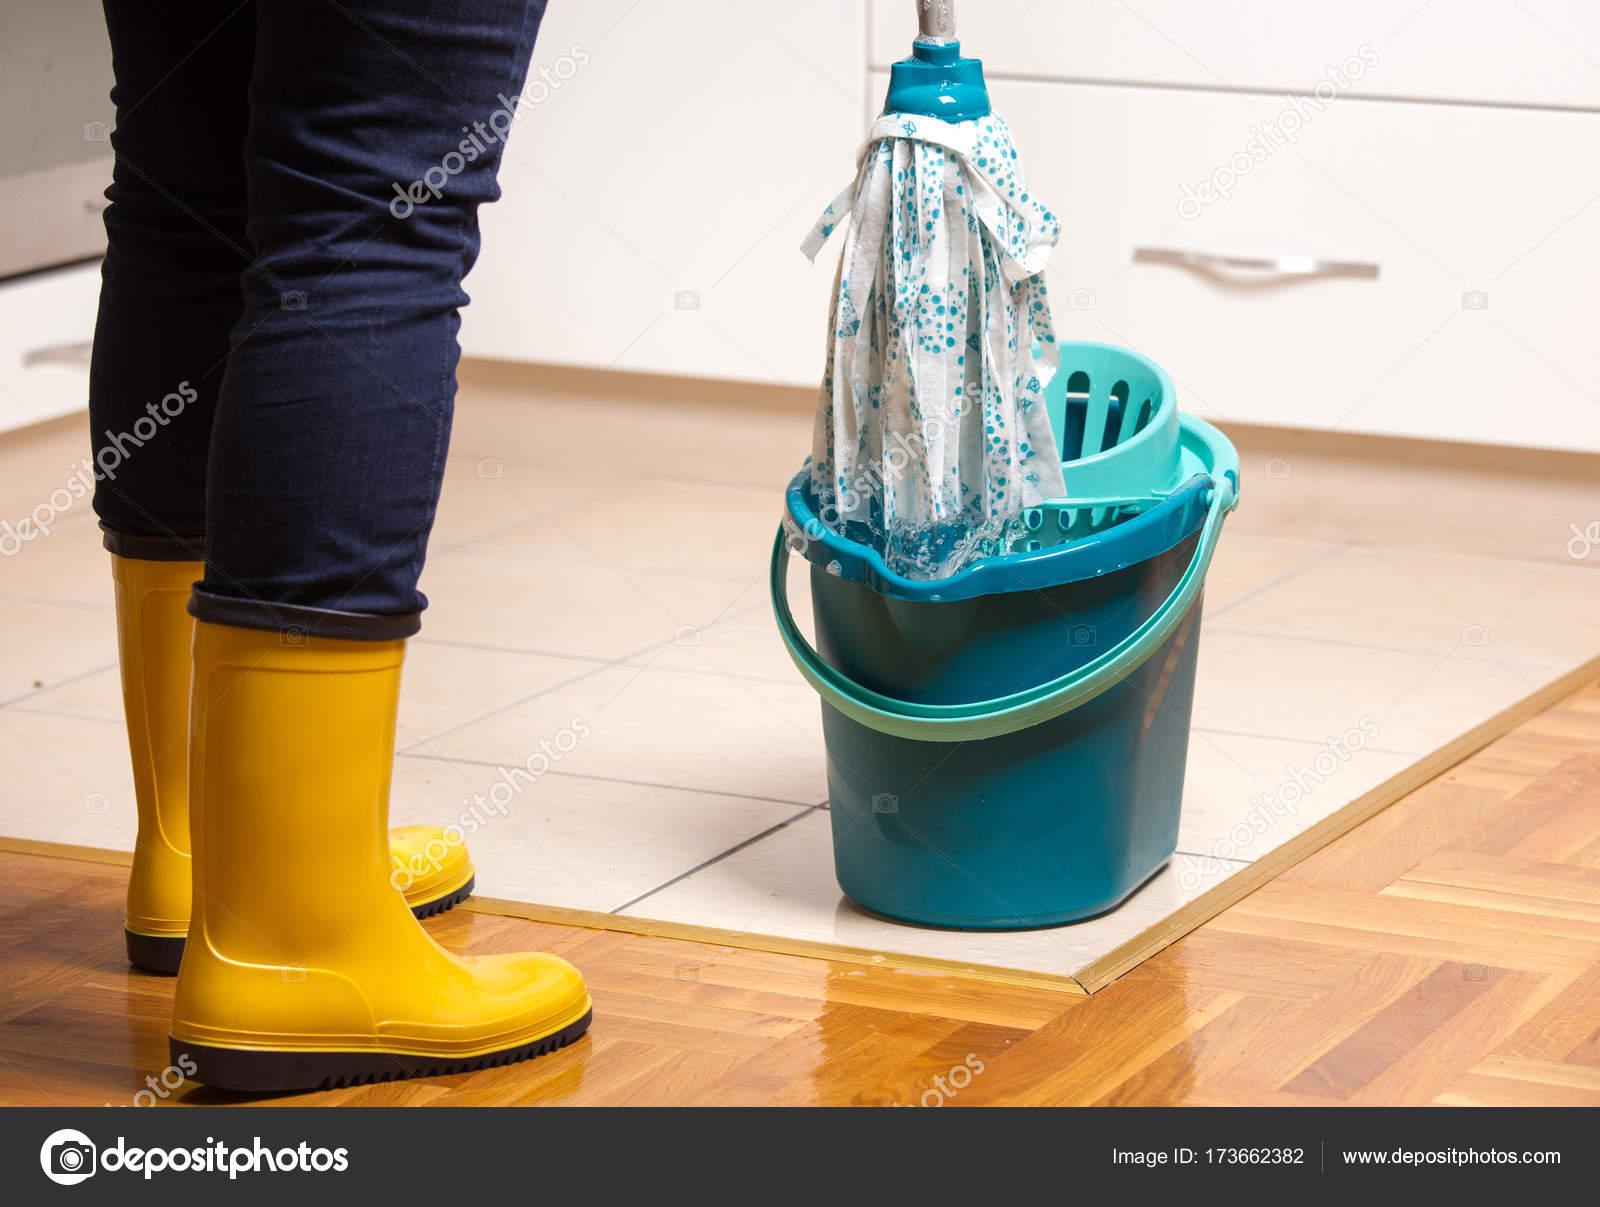 Fußboden Wischen ~ Haushälterin gefliesten fußboden wischen u2014 stockfoto © budabar